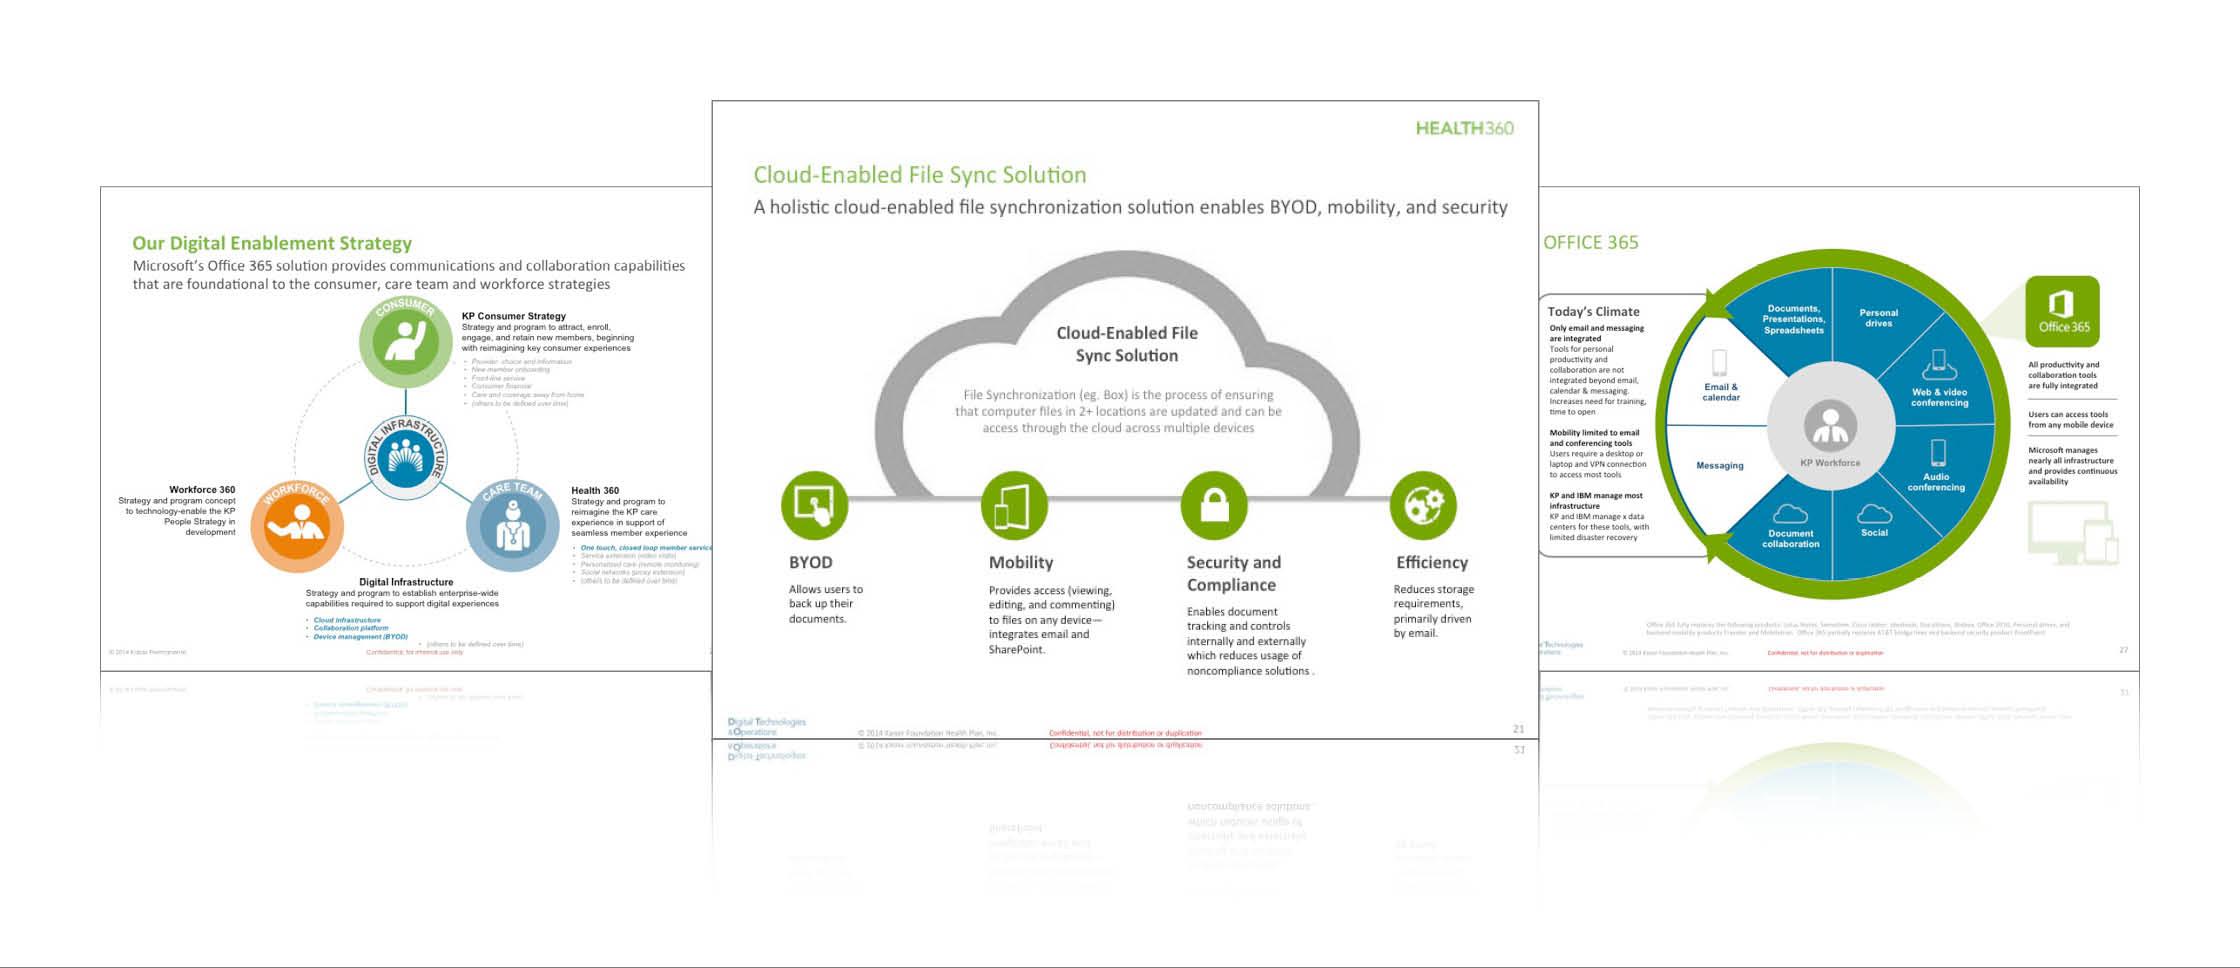 Health 360 PowerPoint Presentation